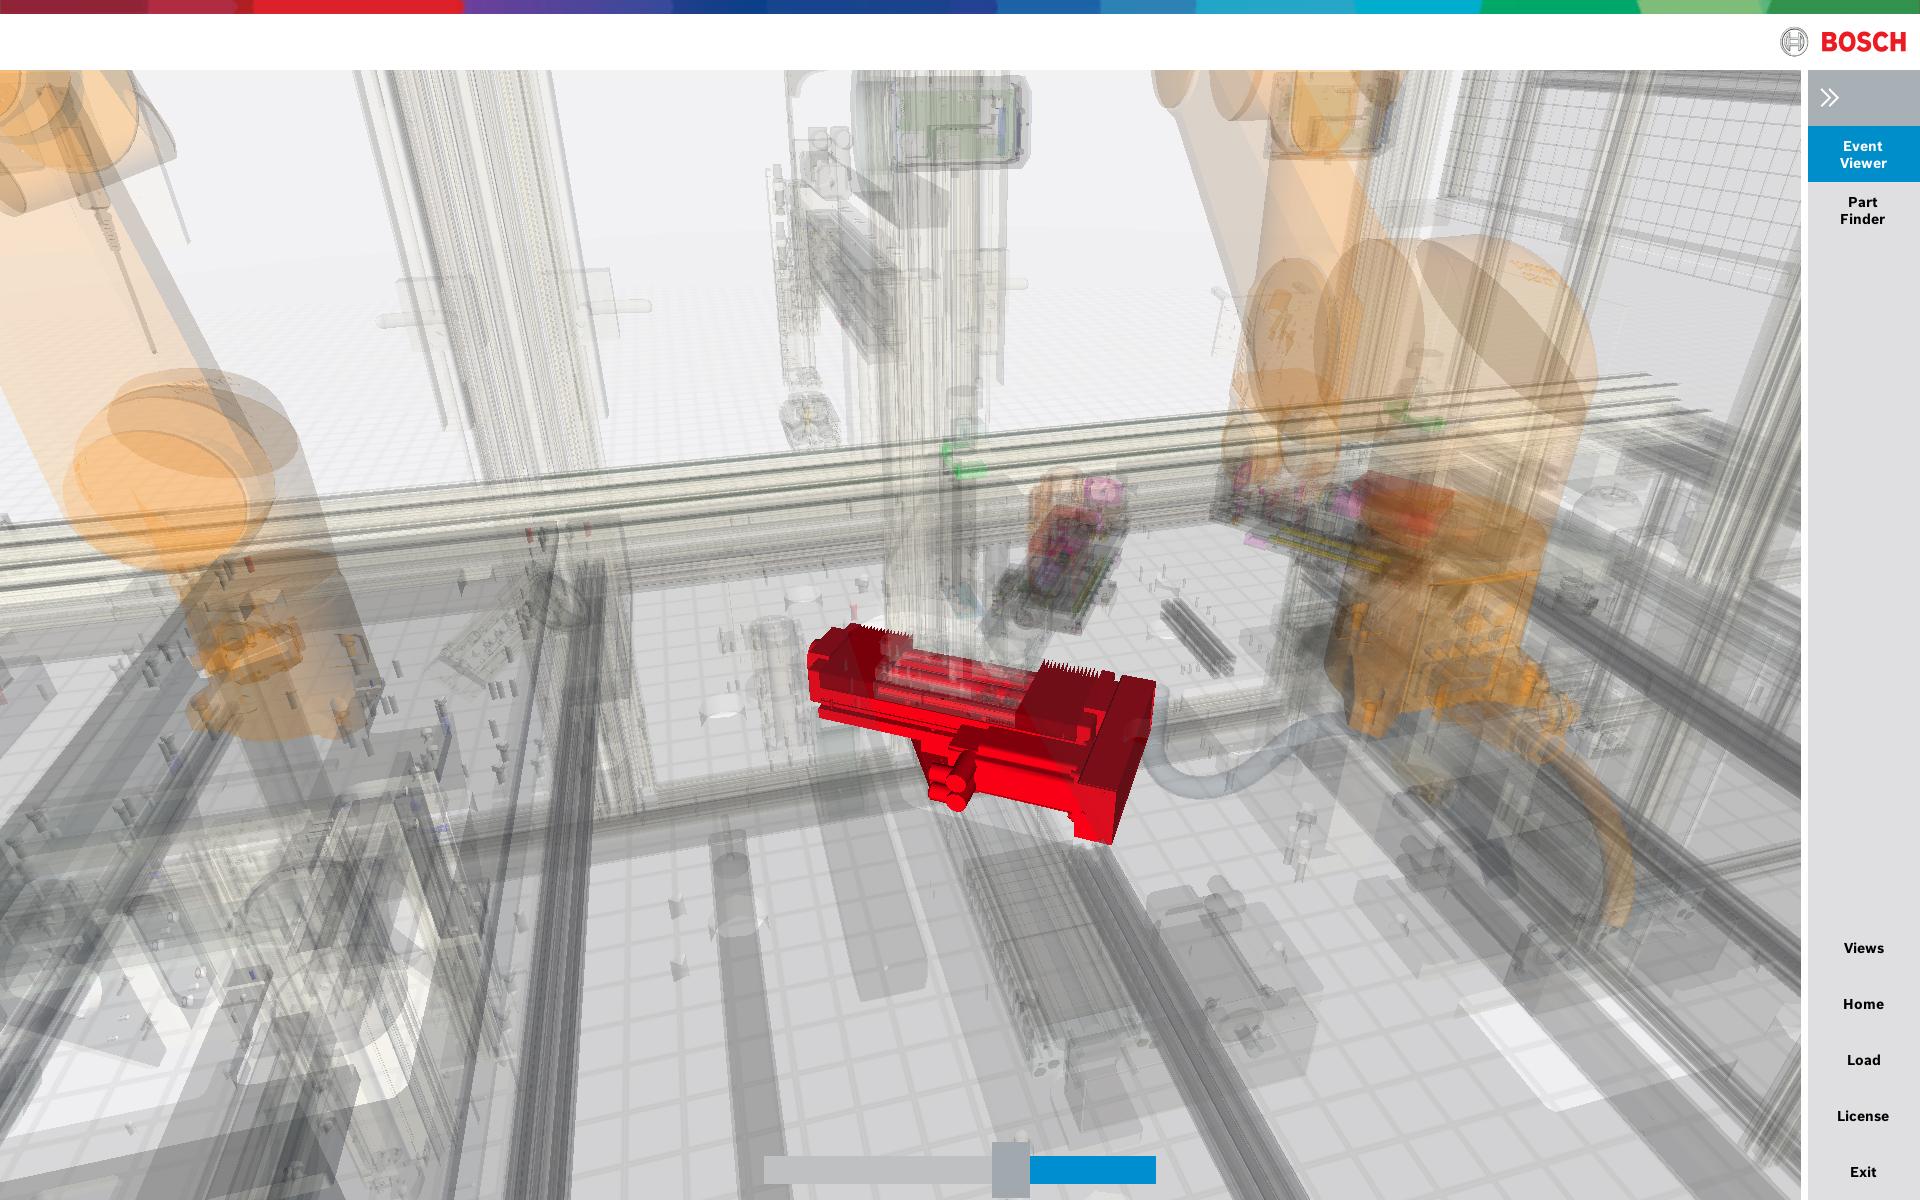 Softwaresystem für 3D-Visualisierung